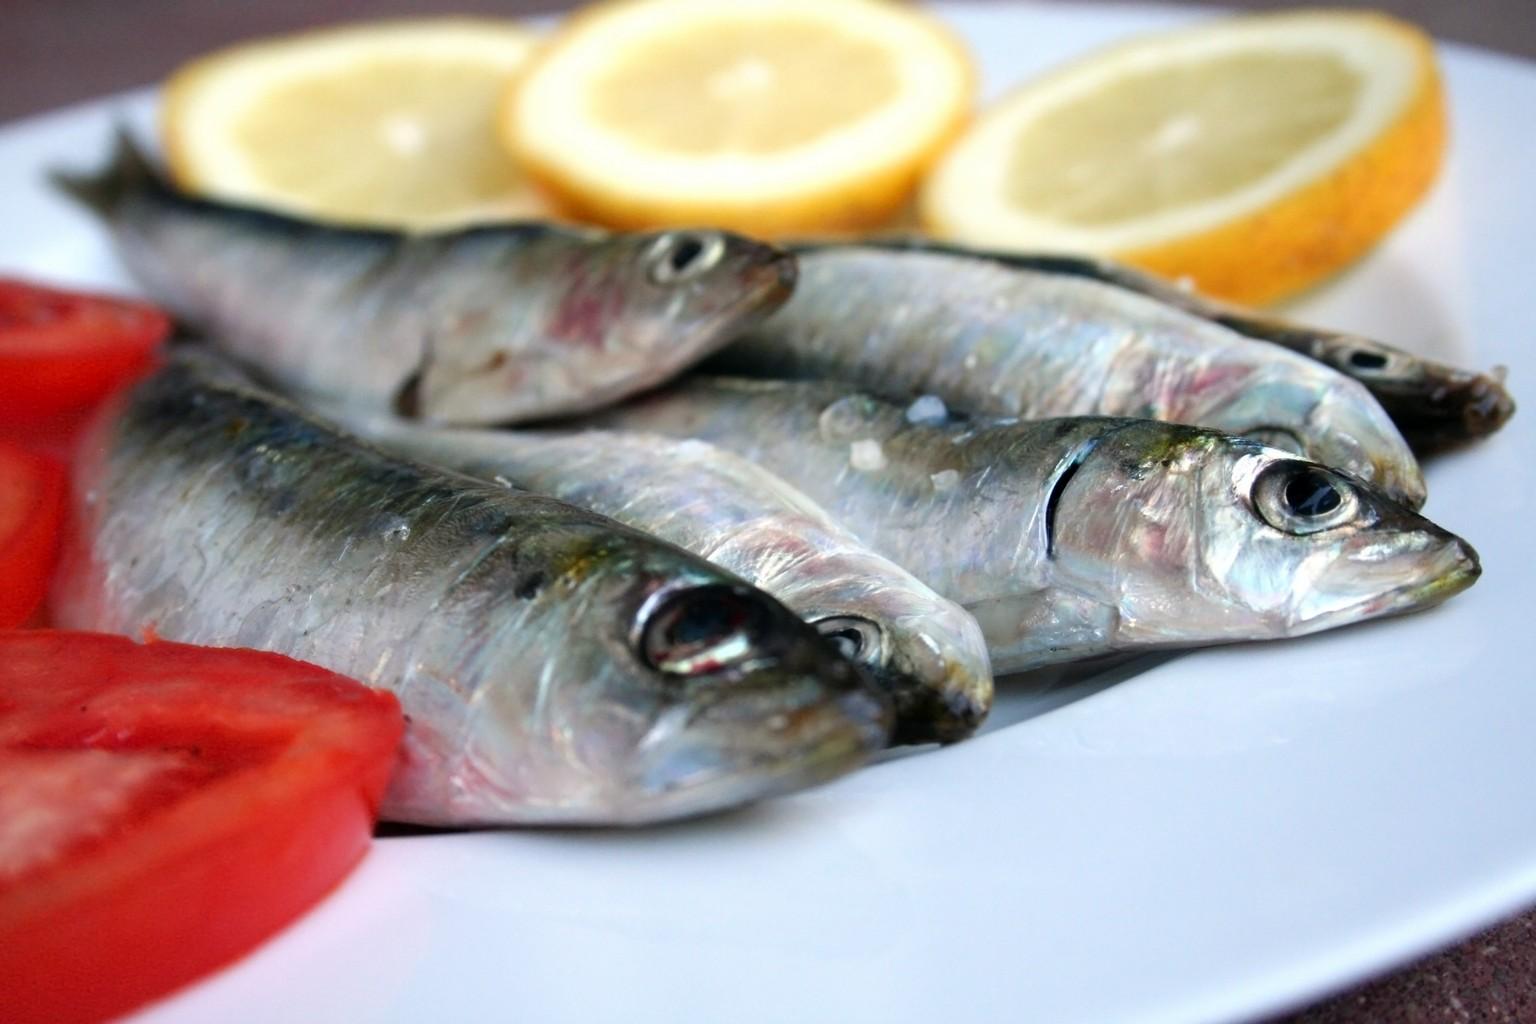 Sardine sushi